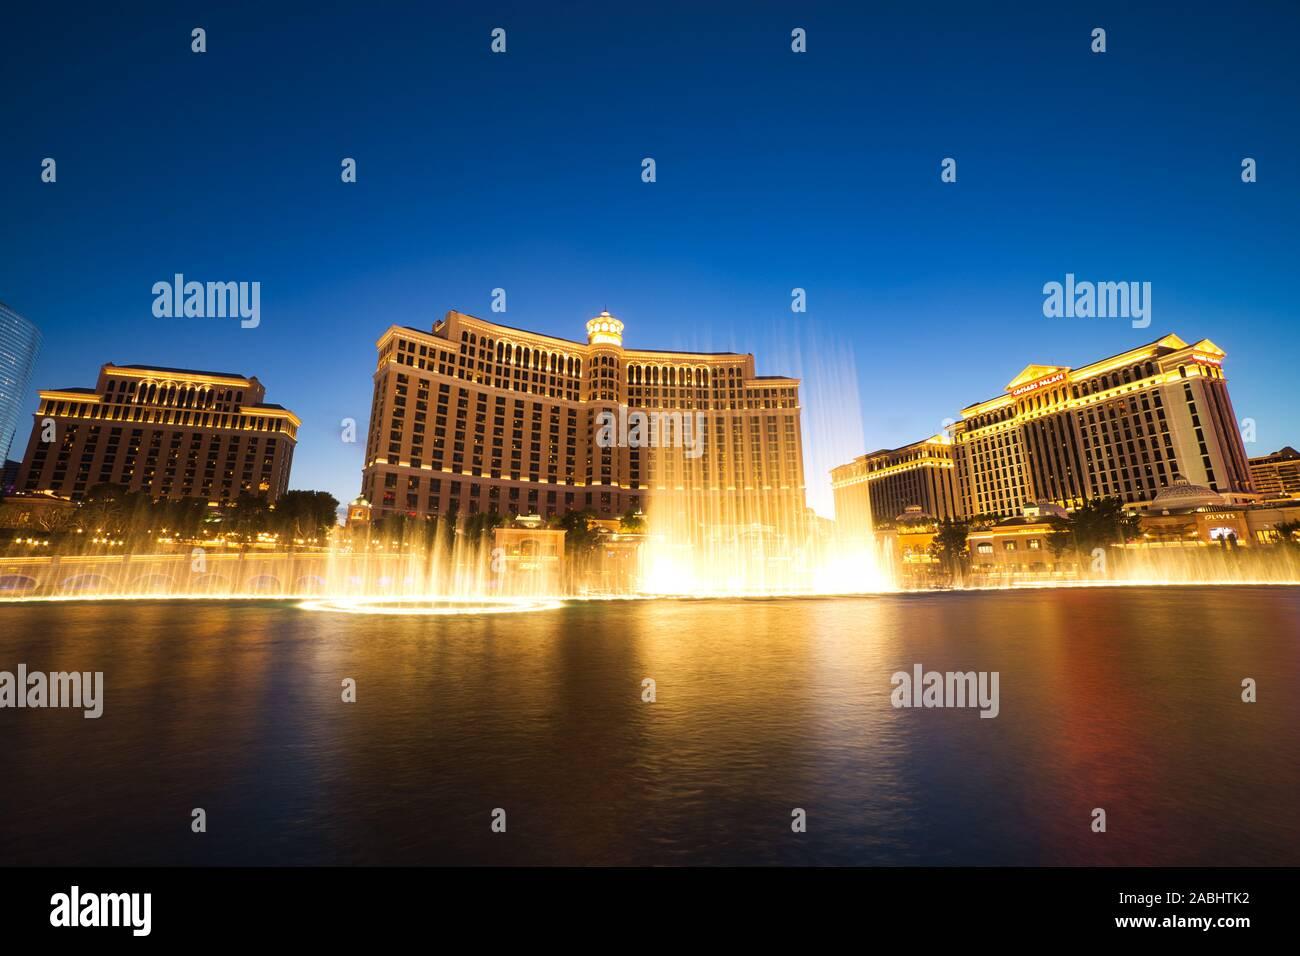 LAS VEGAS, USA - JUNI 2: Fountain Show im Bellagio Hotel und Casino am 2. Juni 2016 in Las Vegas, USA. Las Vegas ist eine der wichtigsten touristischen Destination Stockfoto